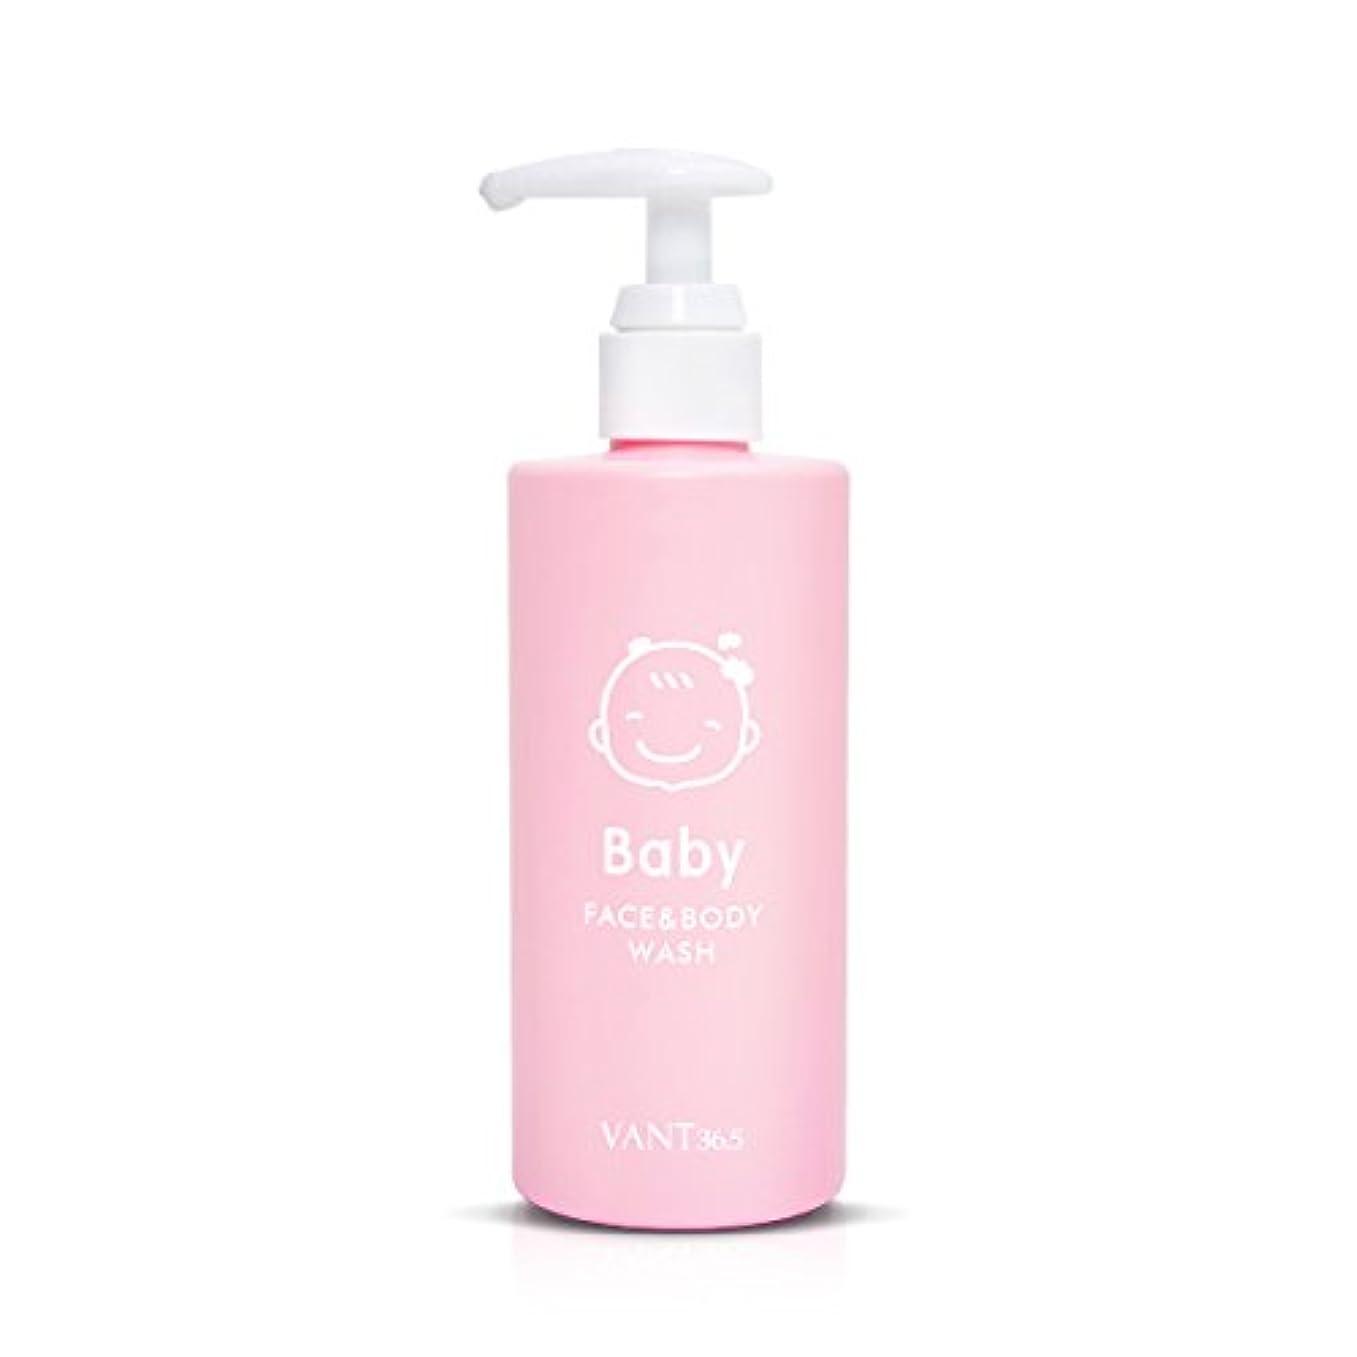 荒らすトレーダーサルベージVANT36.5 Baby Face & Body Wash 300ml/バント36.5 ベビー フェイス&ボディ ウォッシュ 300ml [並行輸入品]